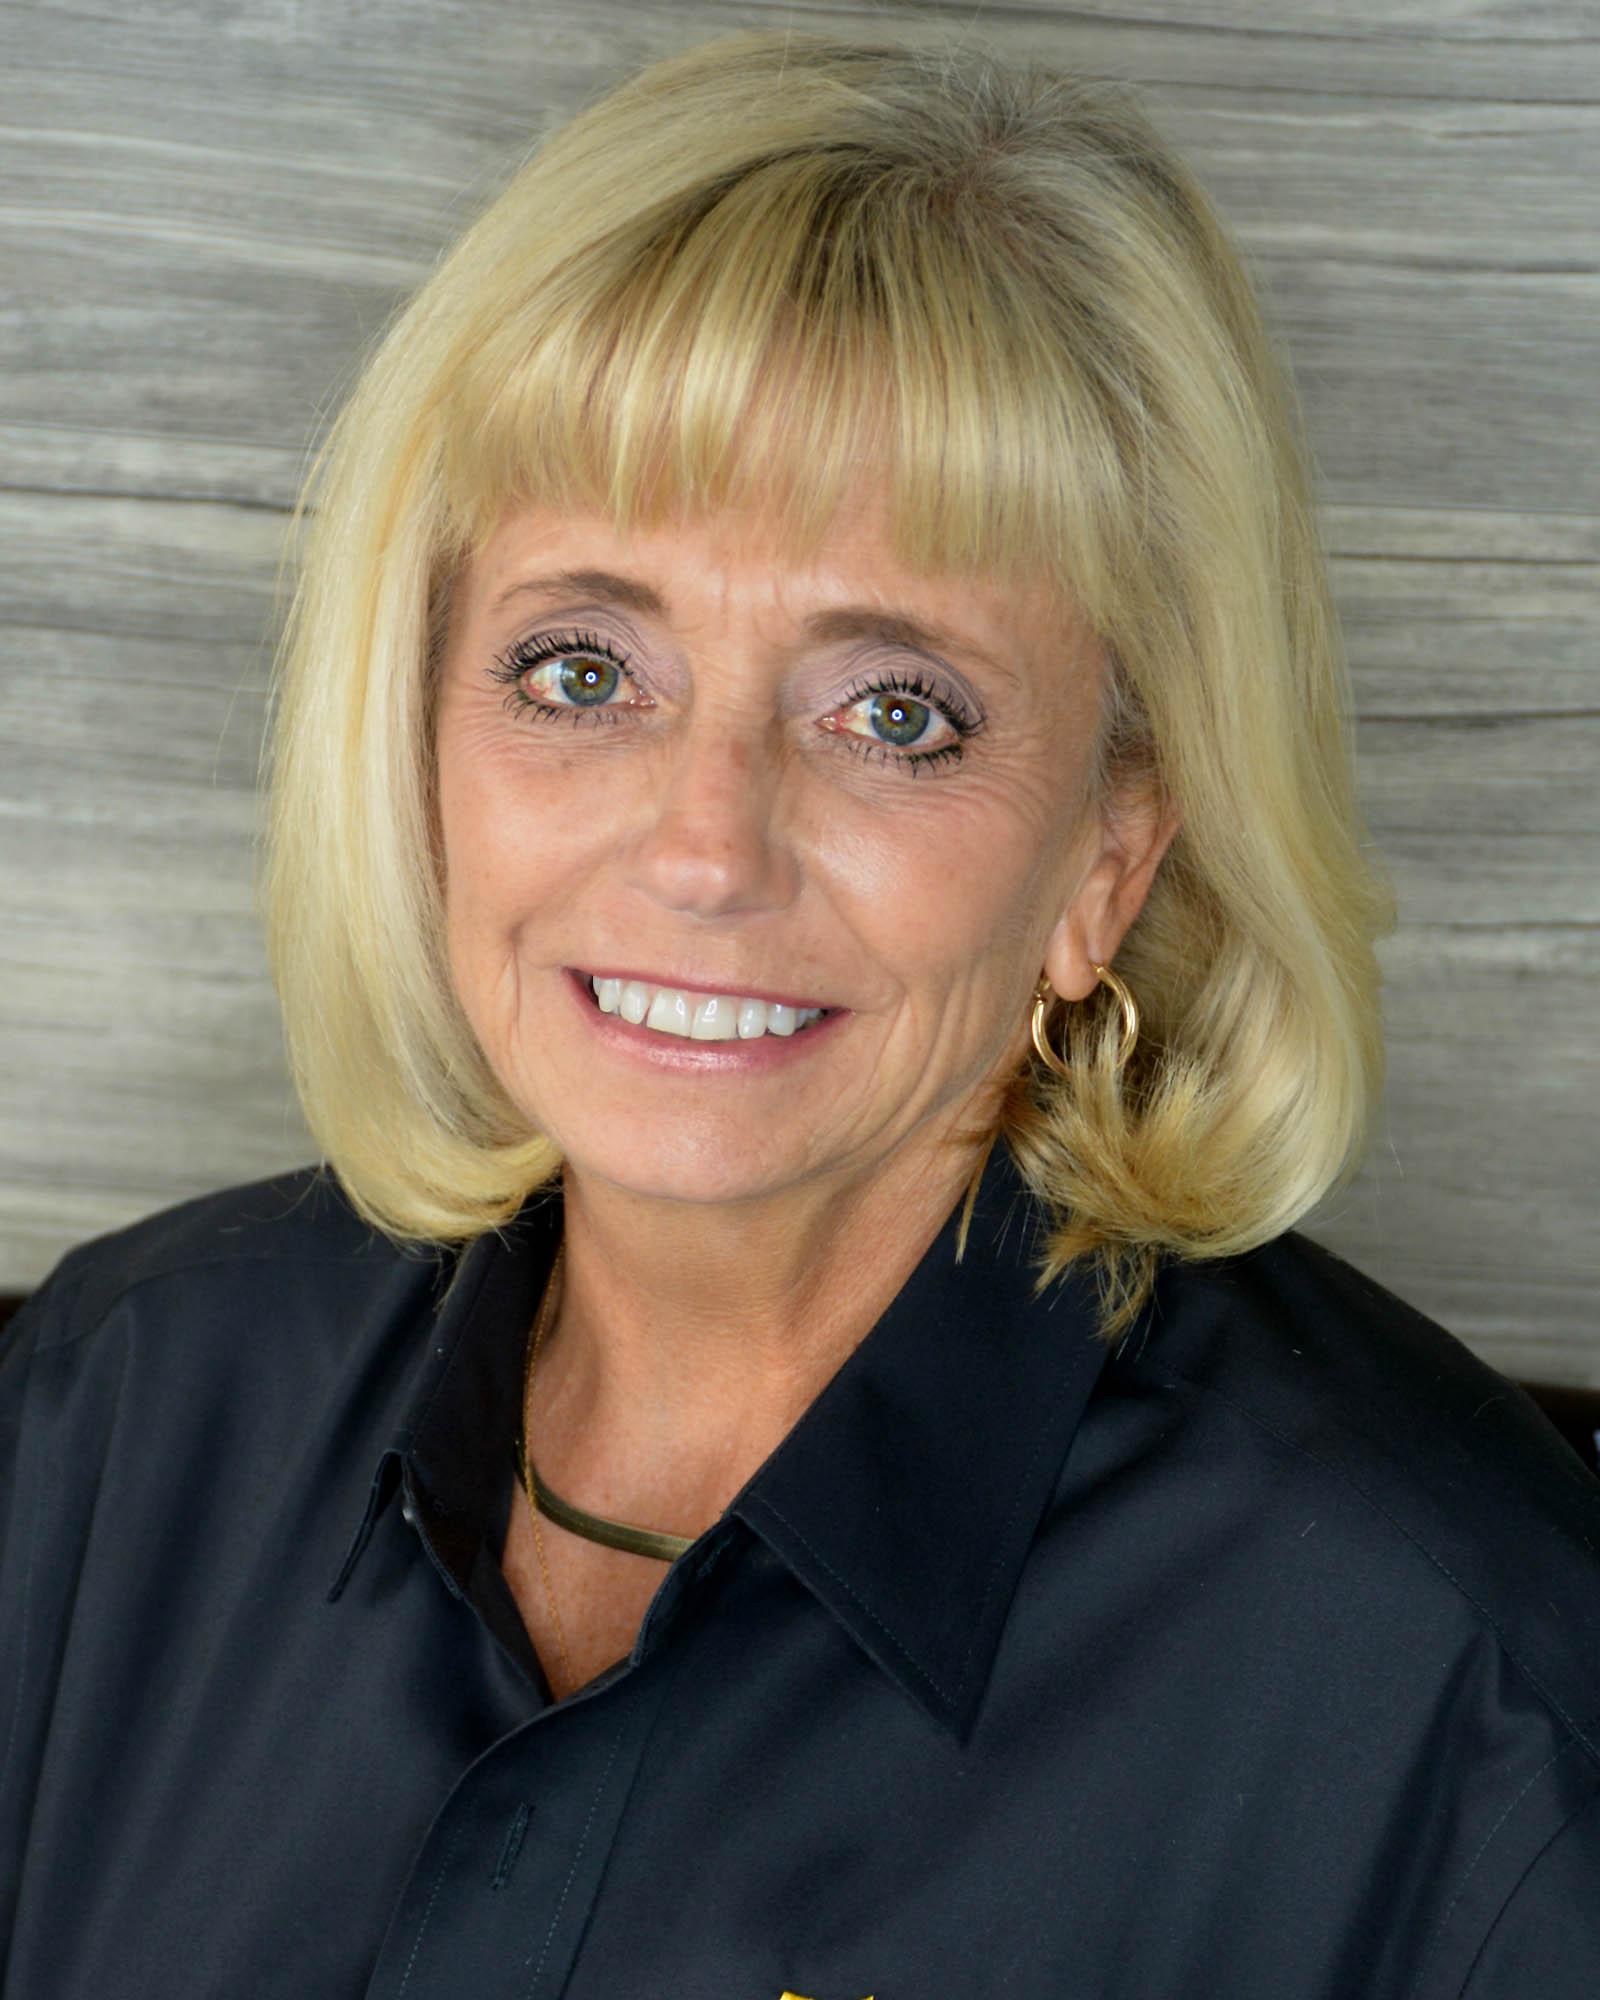 Paula Heck Matson